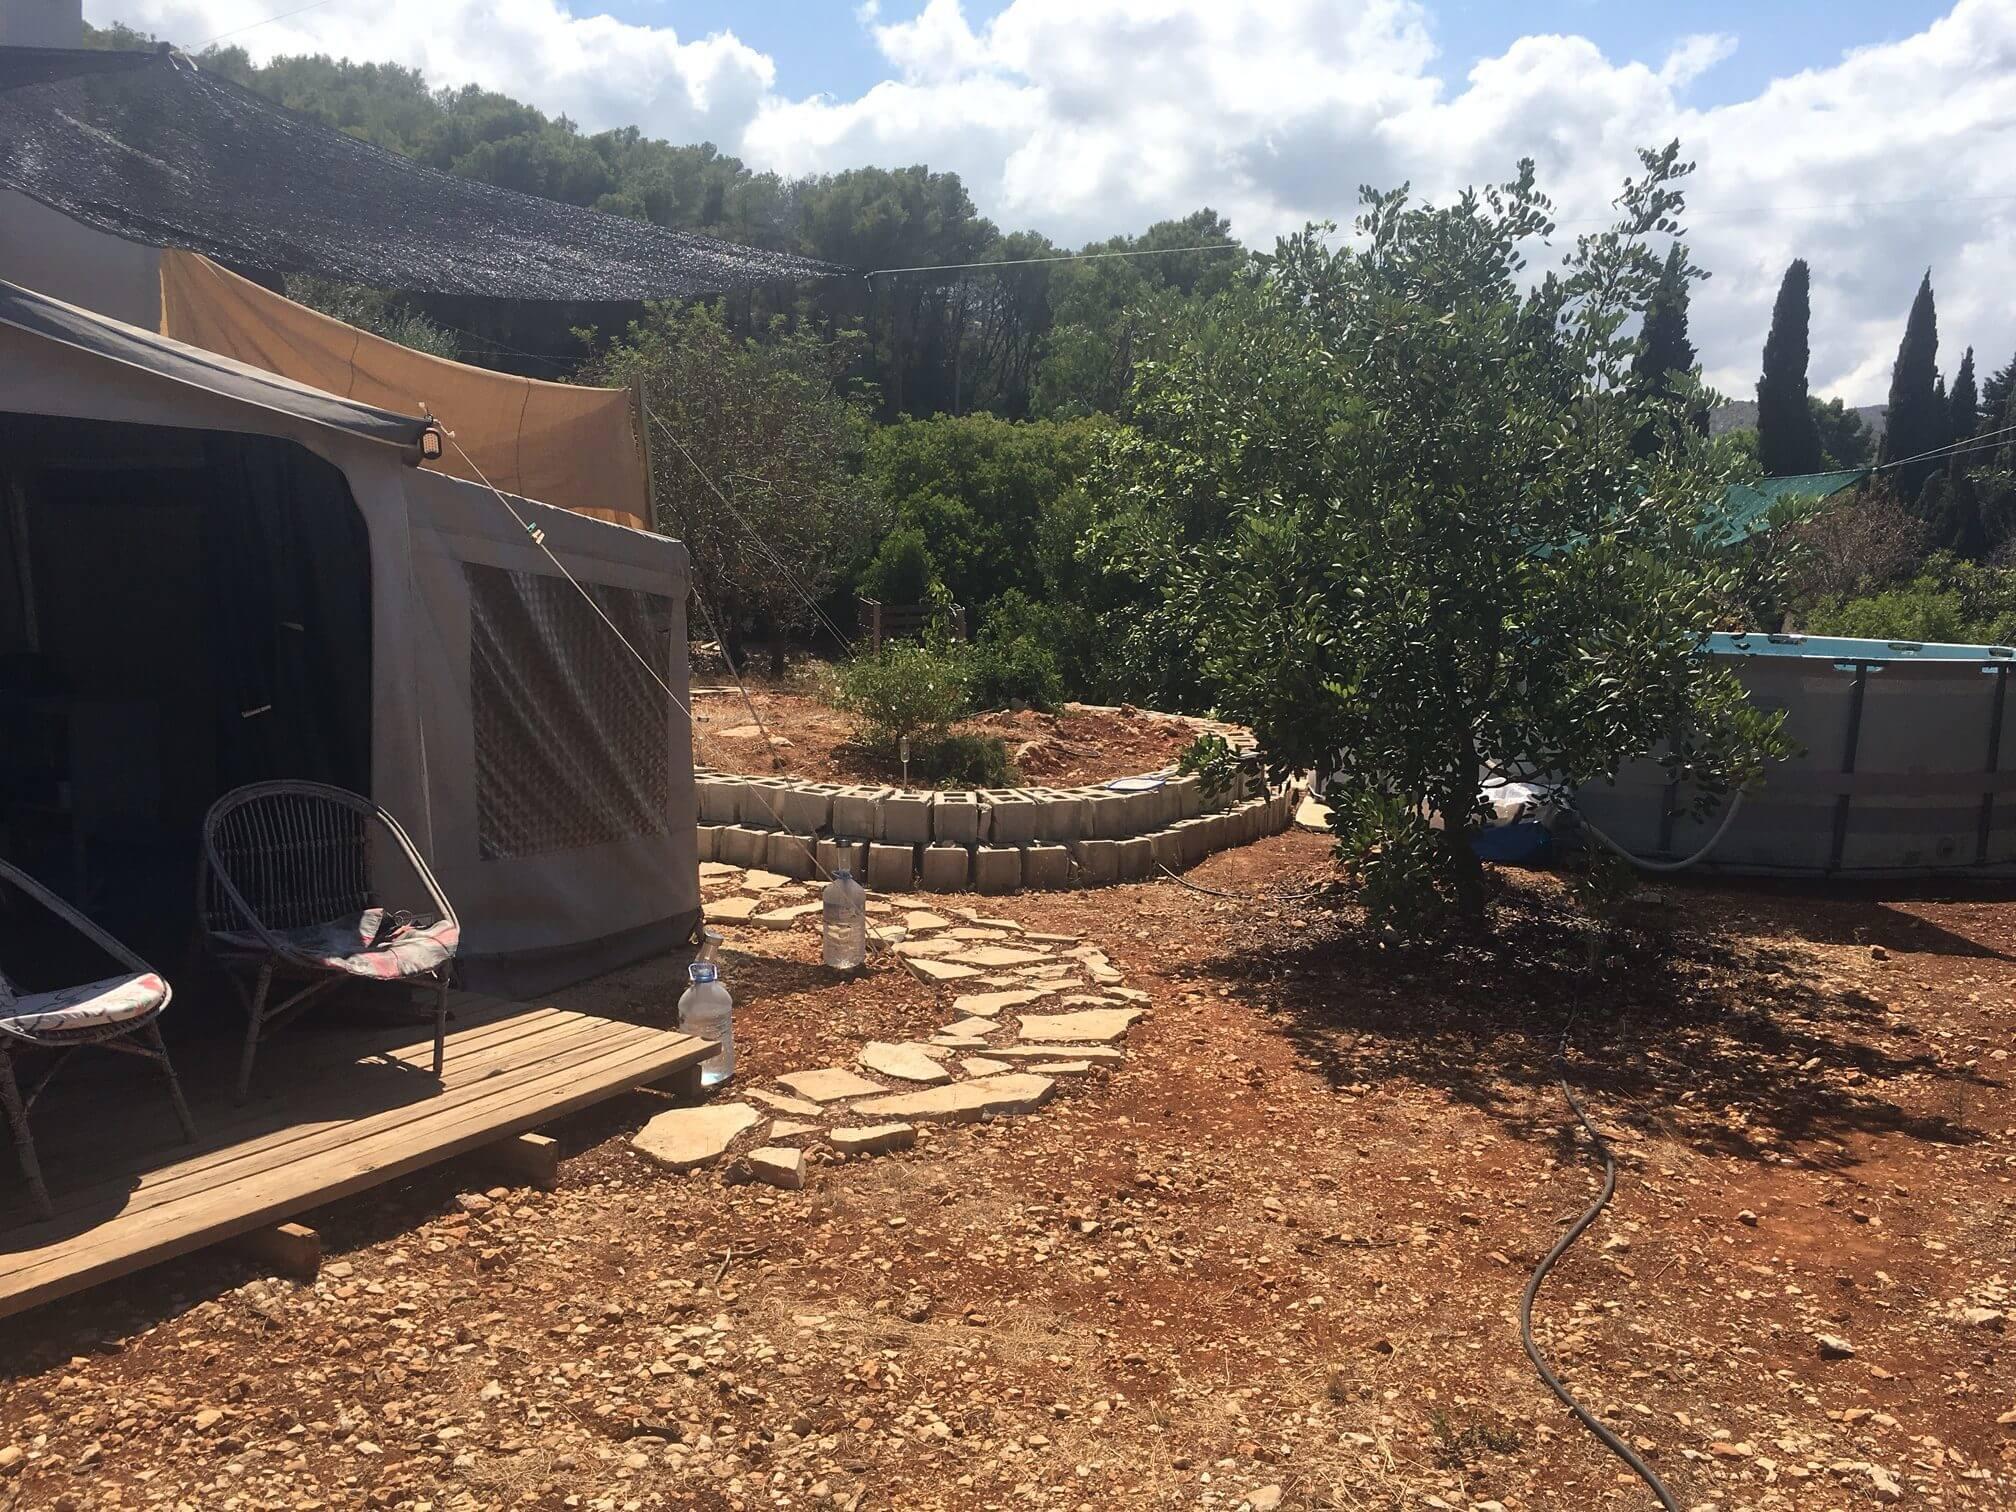 Retreat Spanje, slapen in een caravan